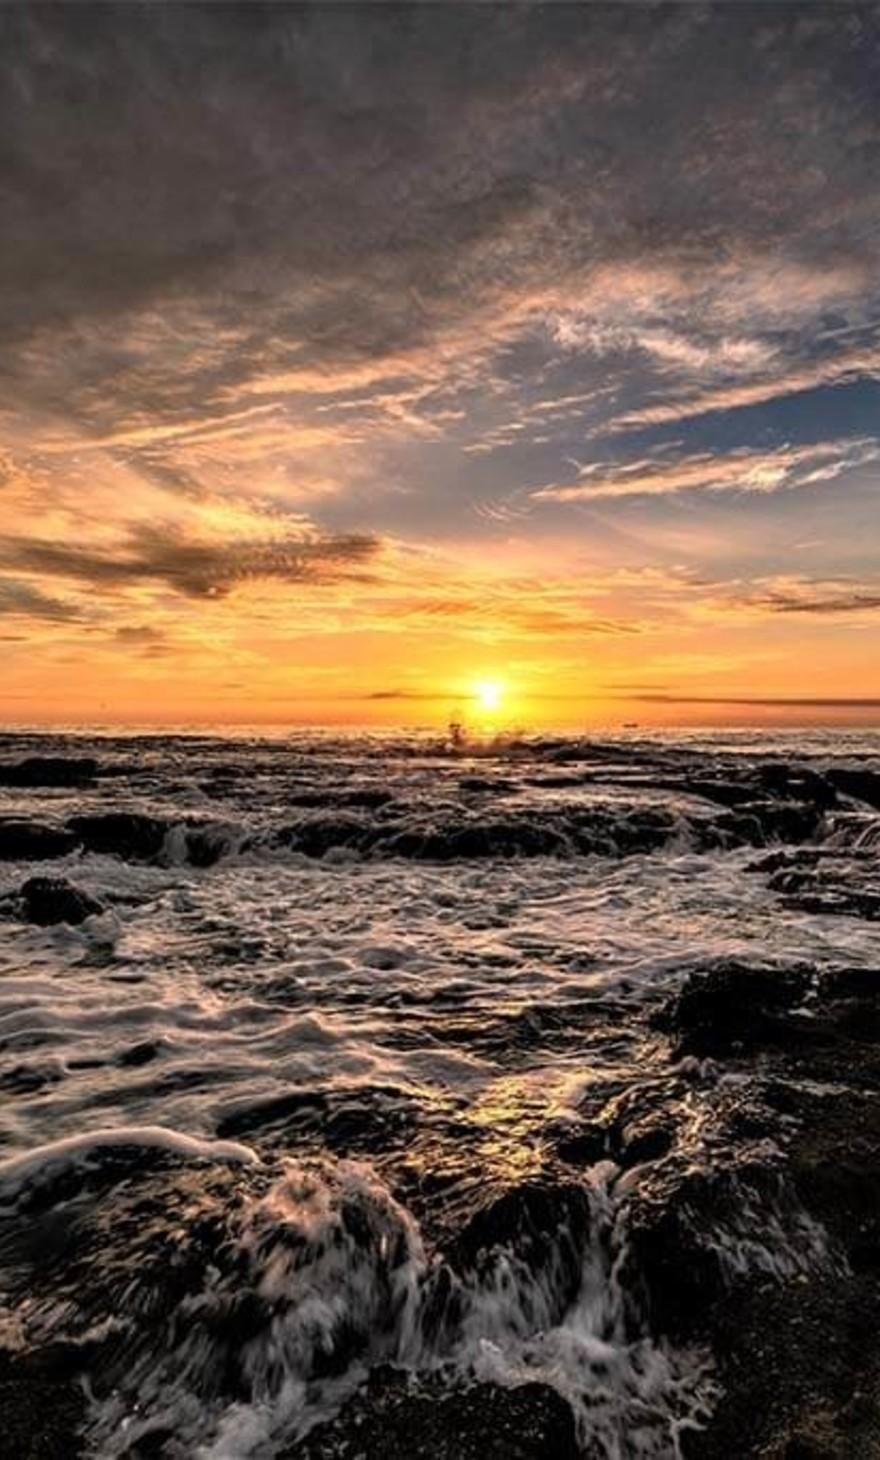 Un beau coucher de soleil sur la mer